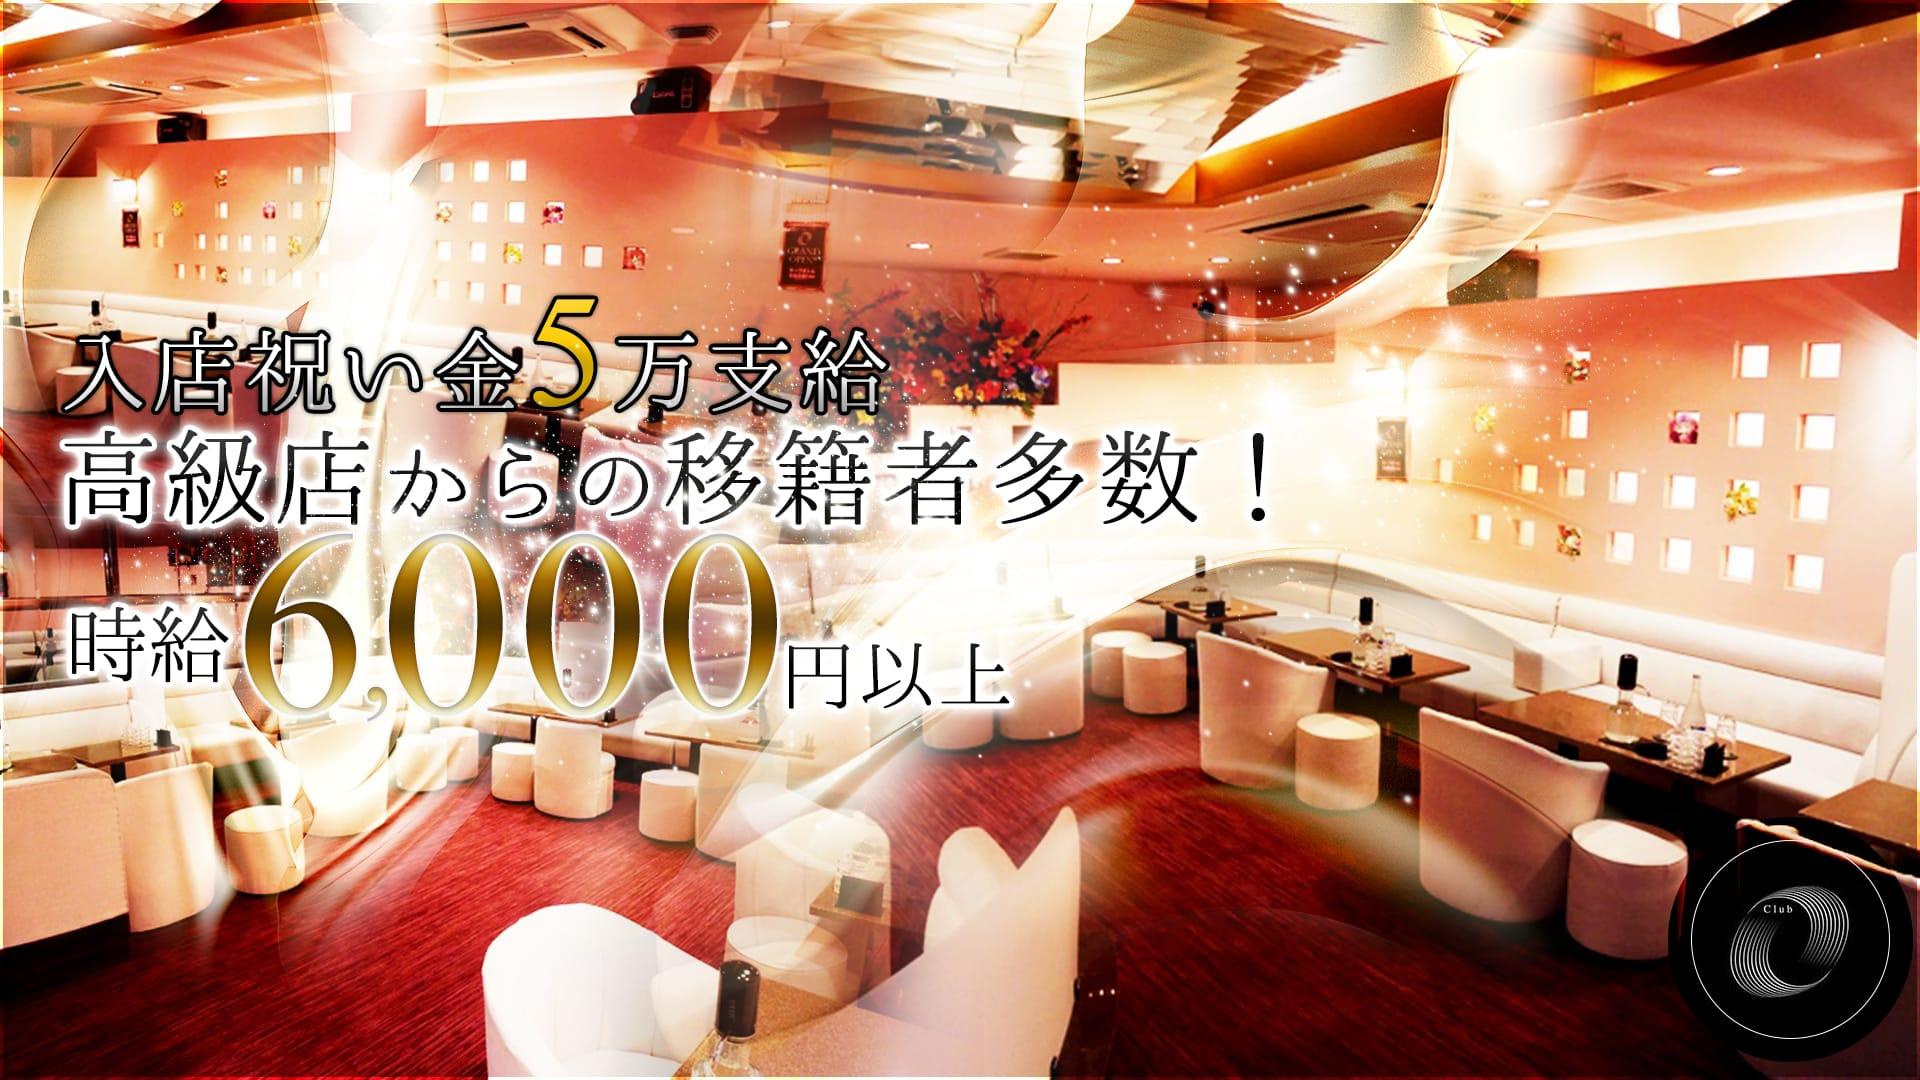 Club O (クラブ オー) 関内キャバクラ TOP画像